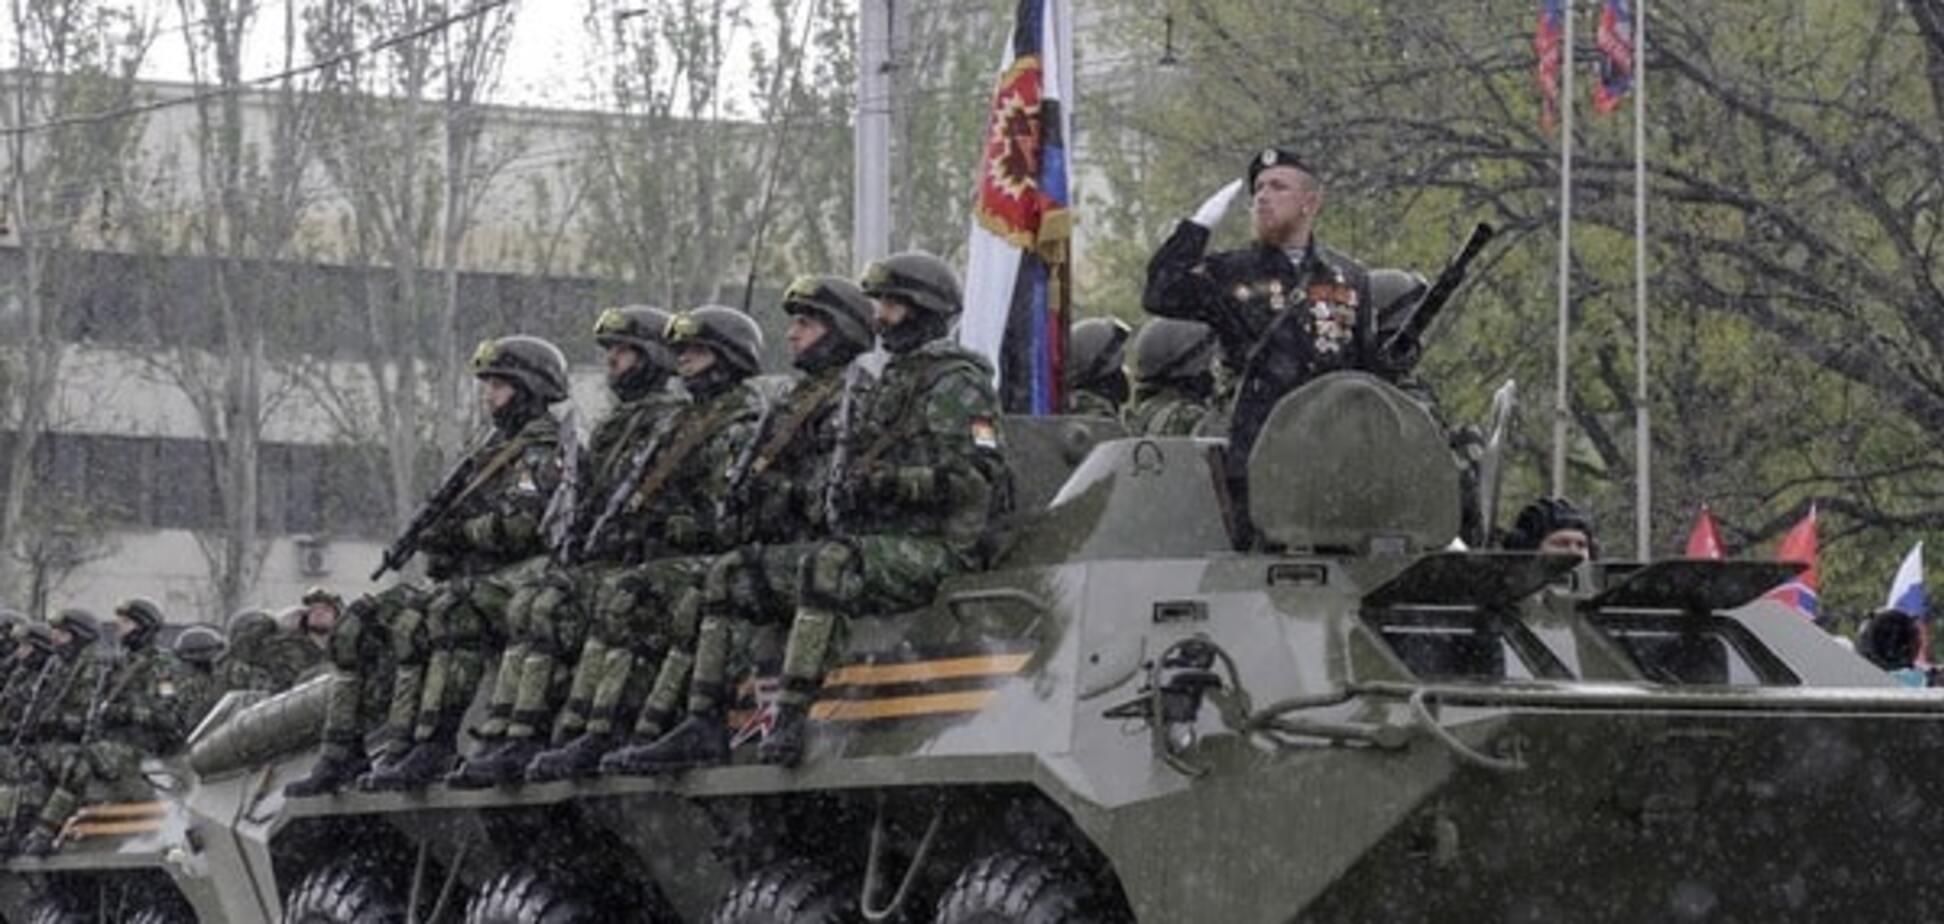 'ДНР' и 'ЛНР' - это ширма: на Донбассе воюют профессиональные военные из России – экс-спикер Путина